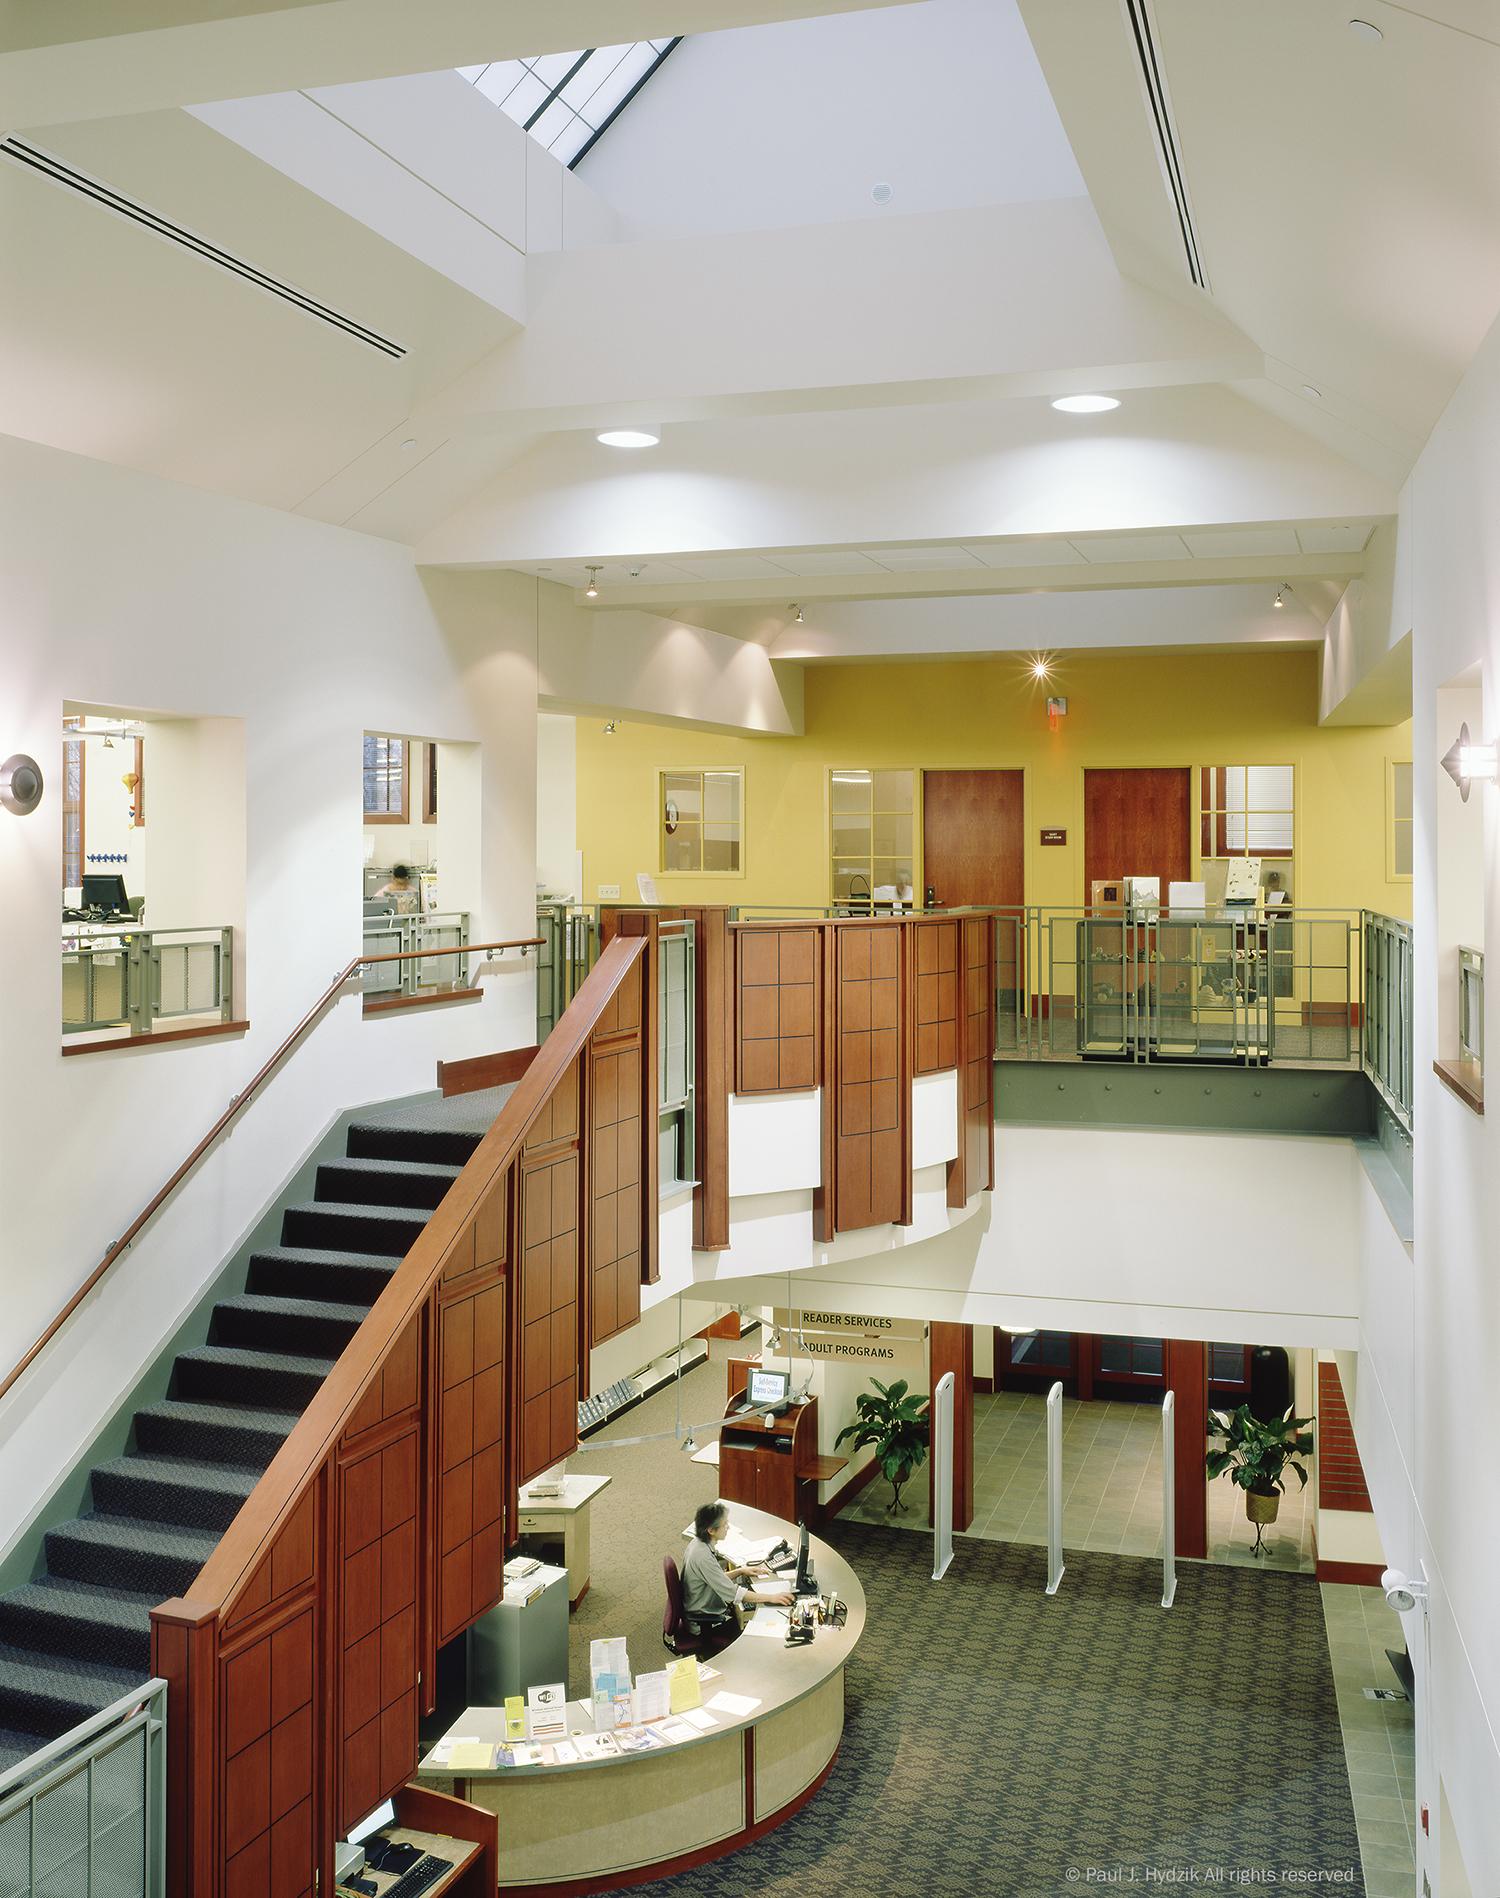 Flossmoor Public Library